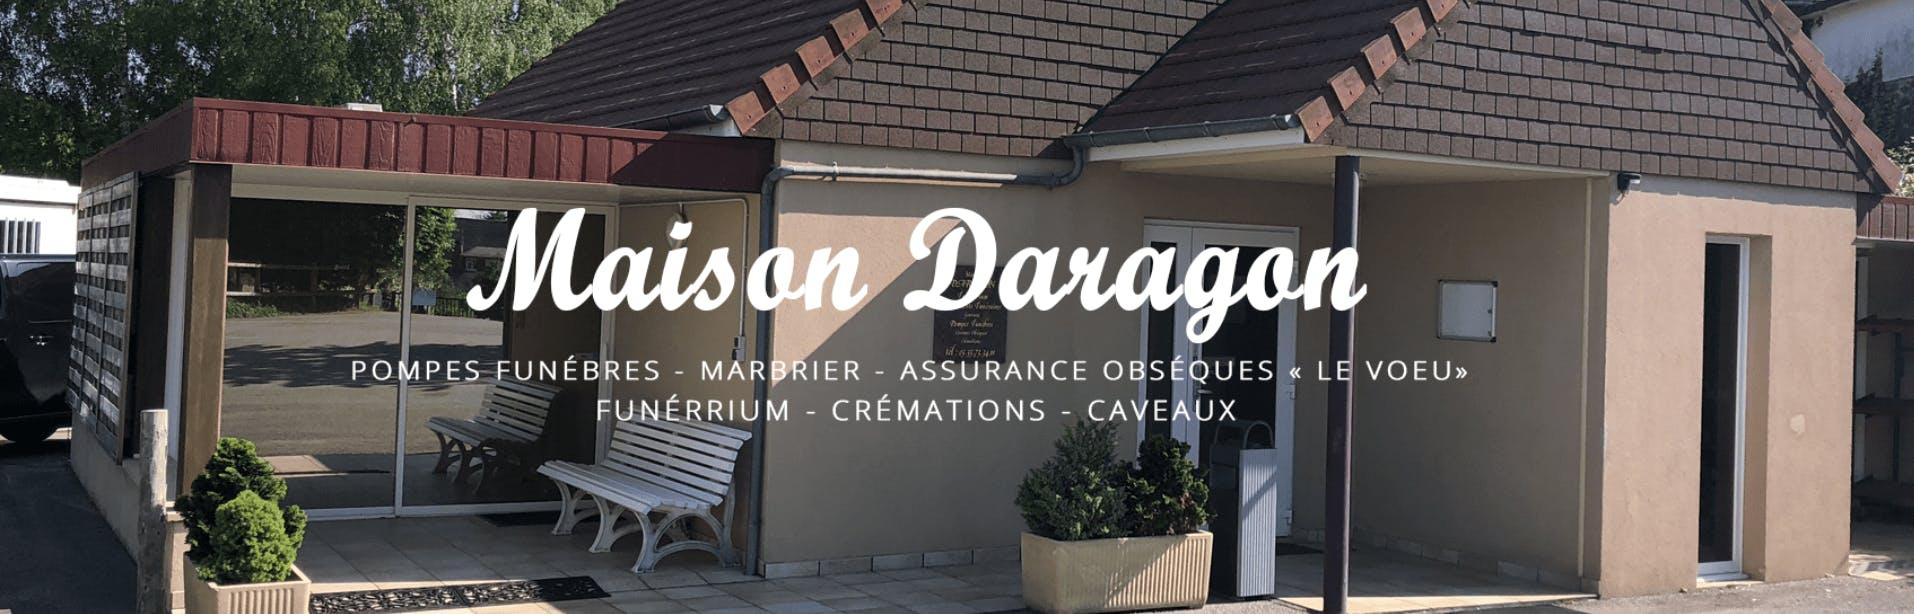 Photographie de la Pompes funèbres Maison Daragon de Arnac-Pompadour